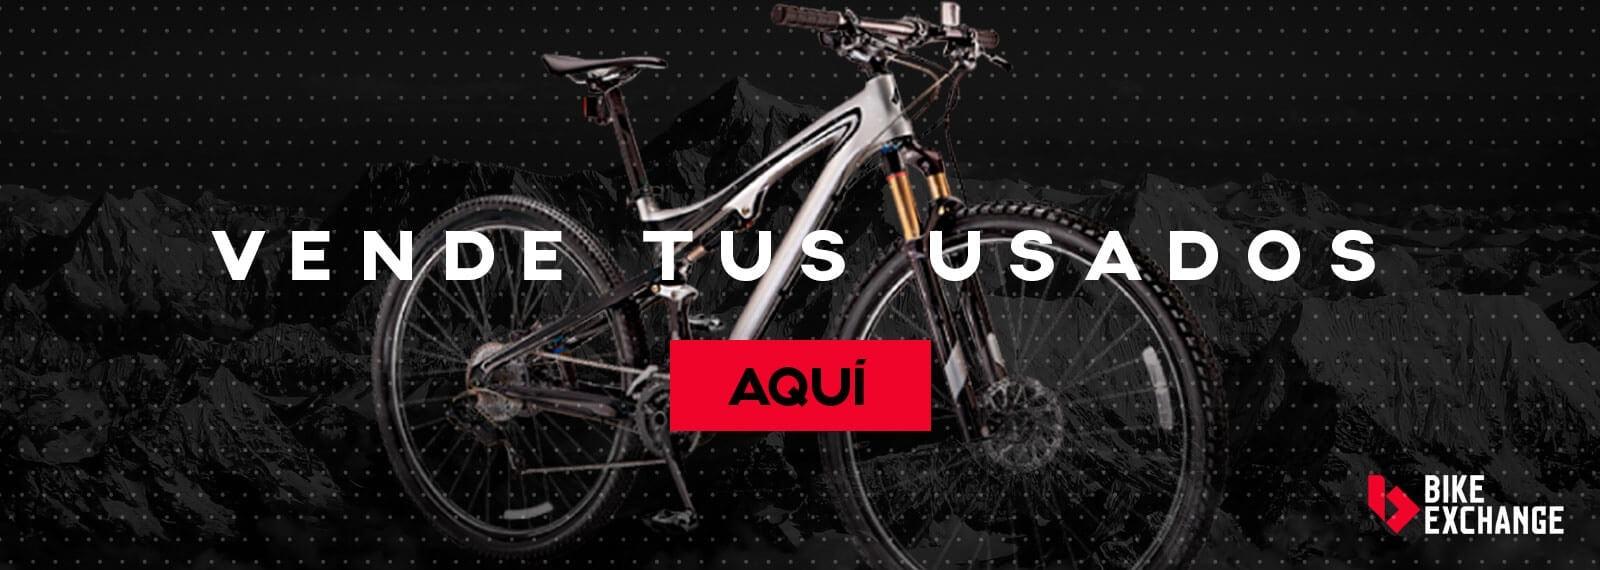 Vende bicicletas usadas